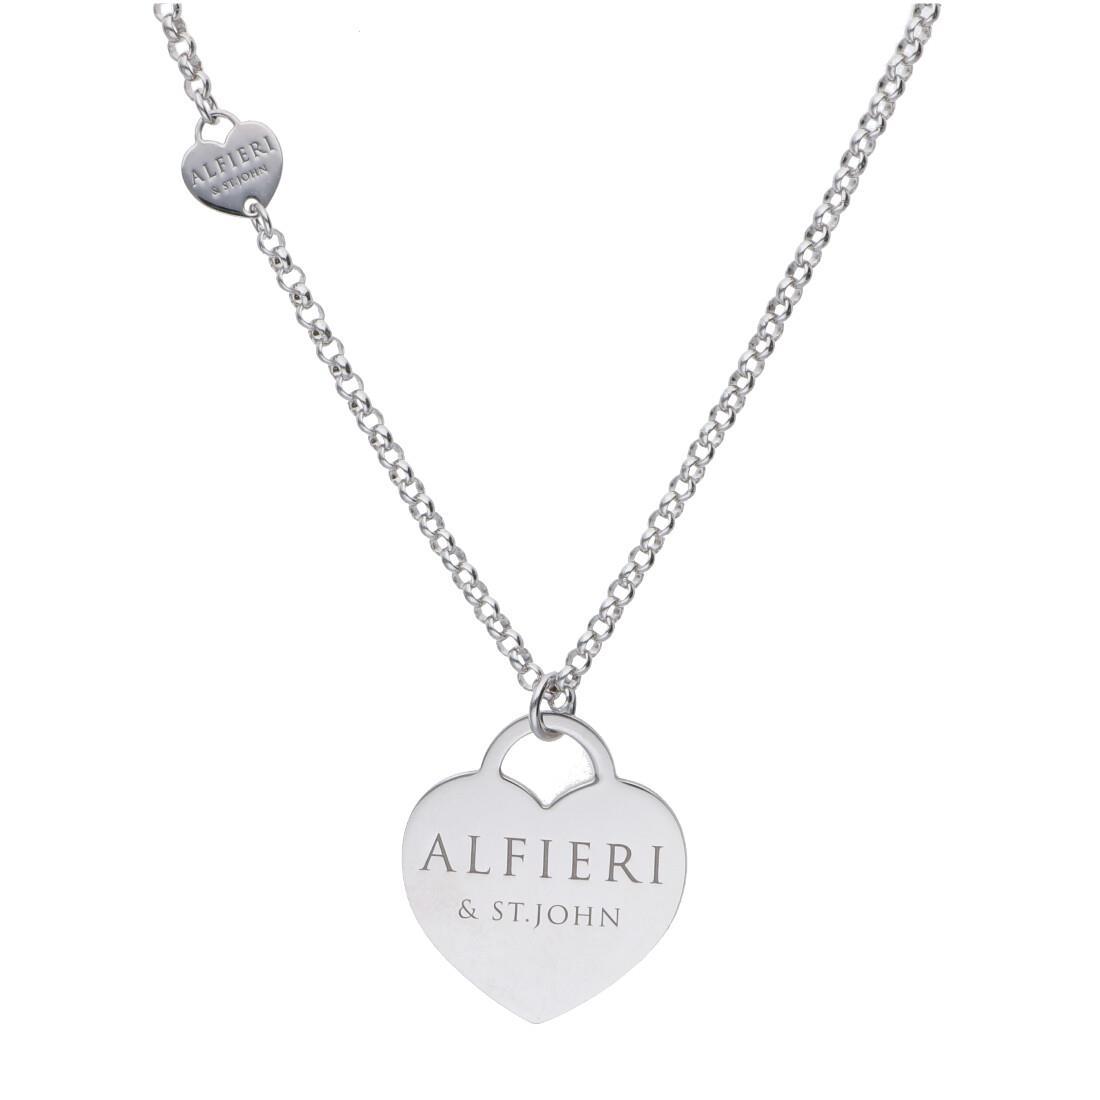 Collana lunga in argento con cuori - ALFIERI & ST. JOHN 925